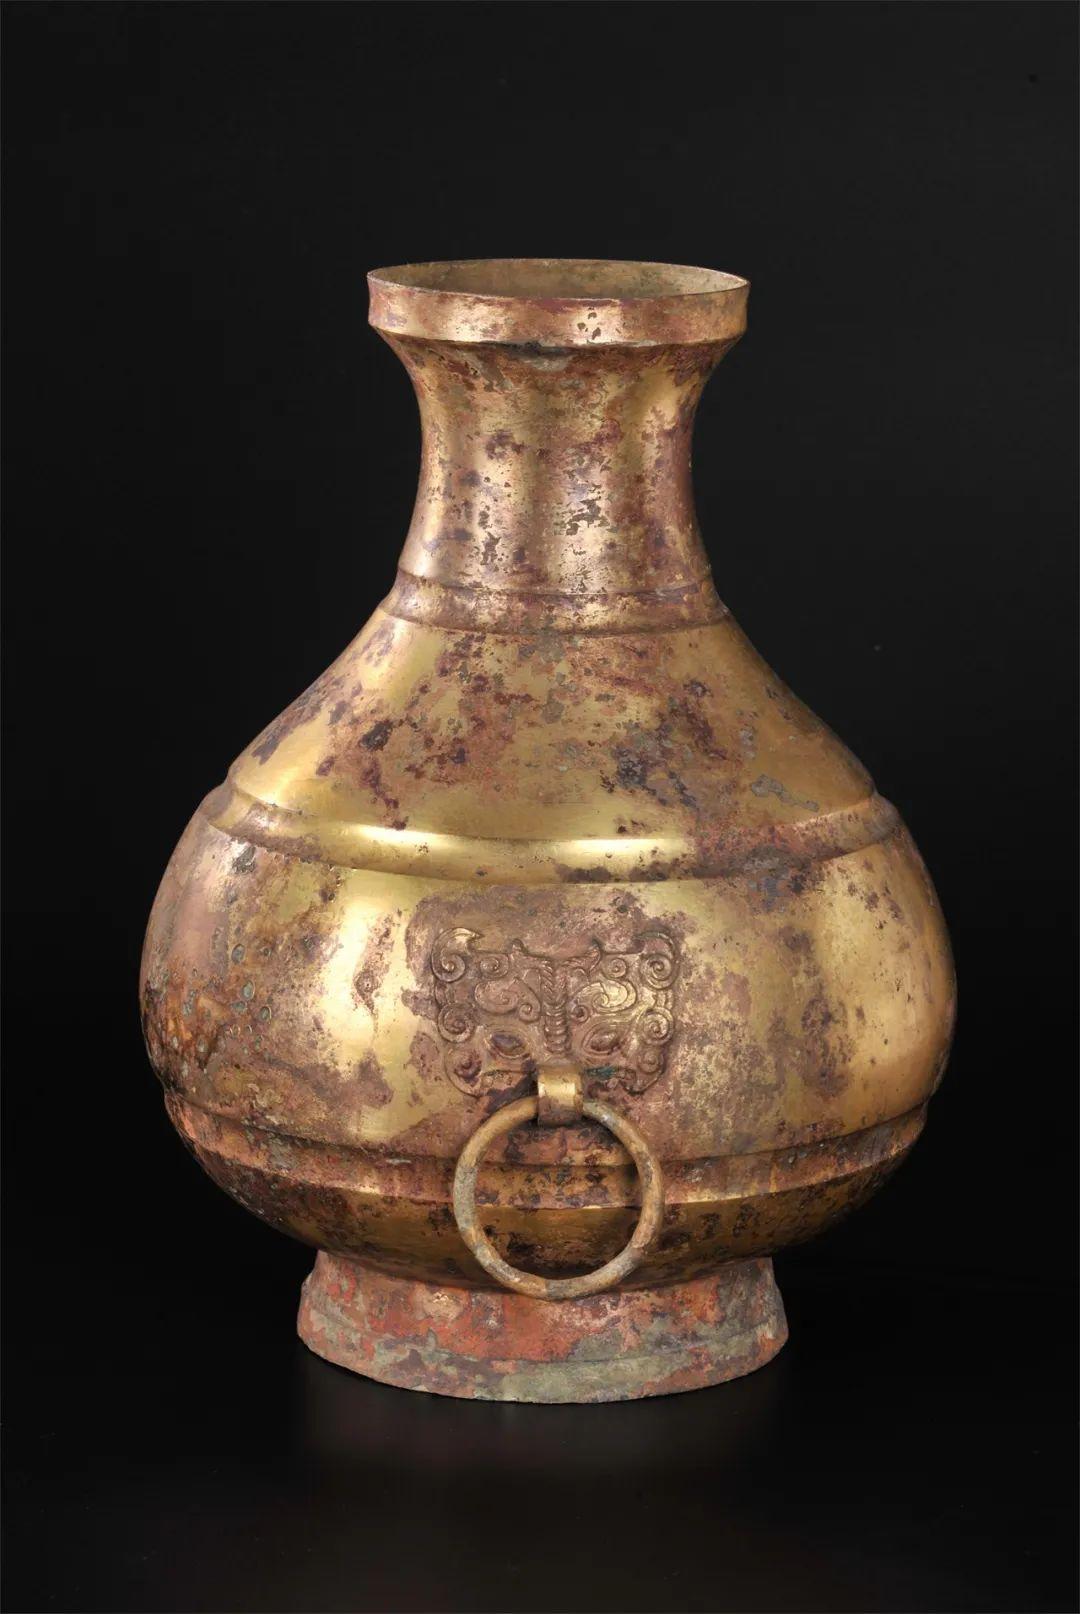 鎏金銅壺??西漢(公元前202年—公元8年)??1983年象崗南越王墓出土 西漢南越王博物館藏